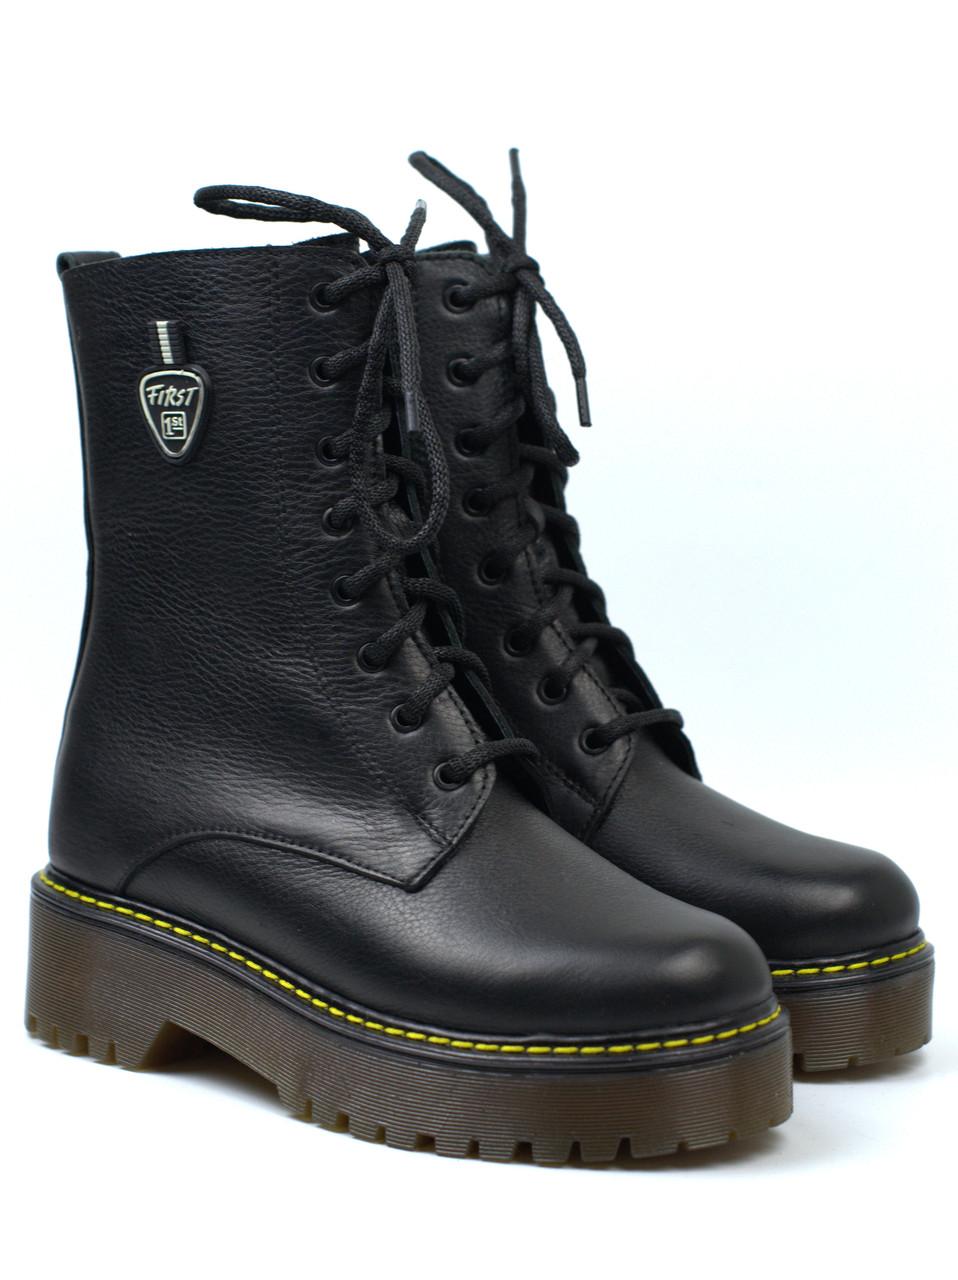 Жіночі зимові черевики на платформі з хутром шкіряне взуття Rosso Avangard Marty